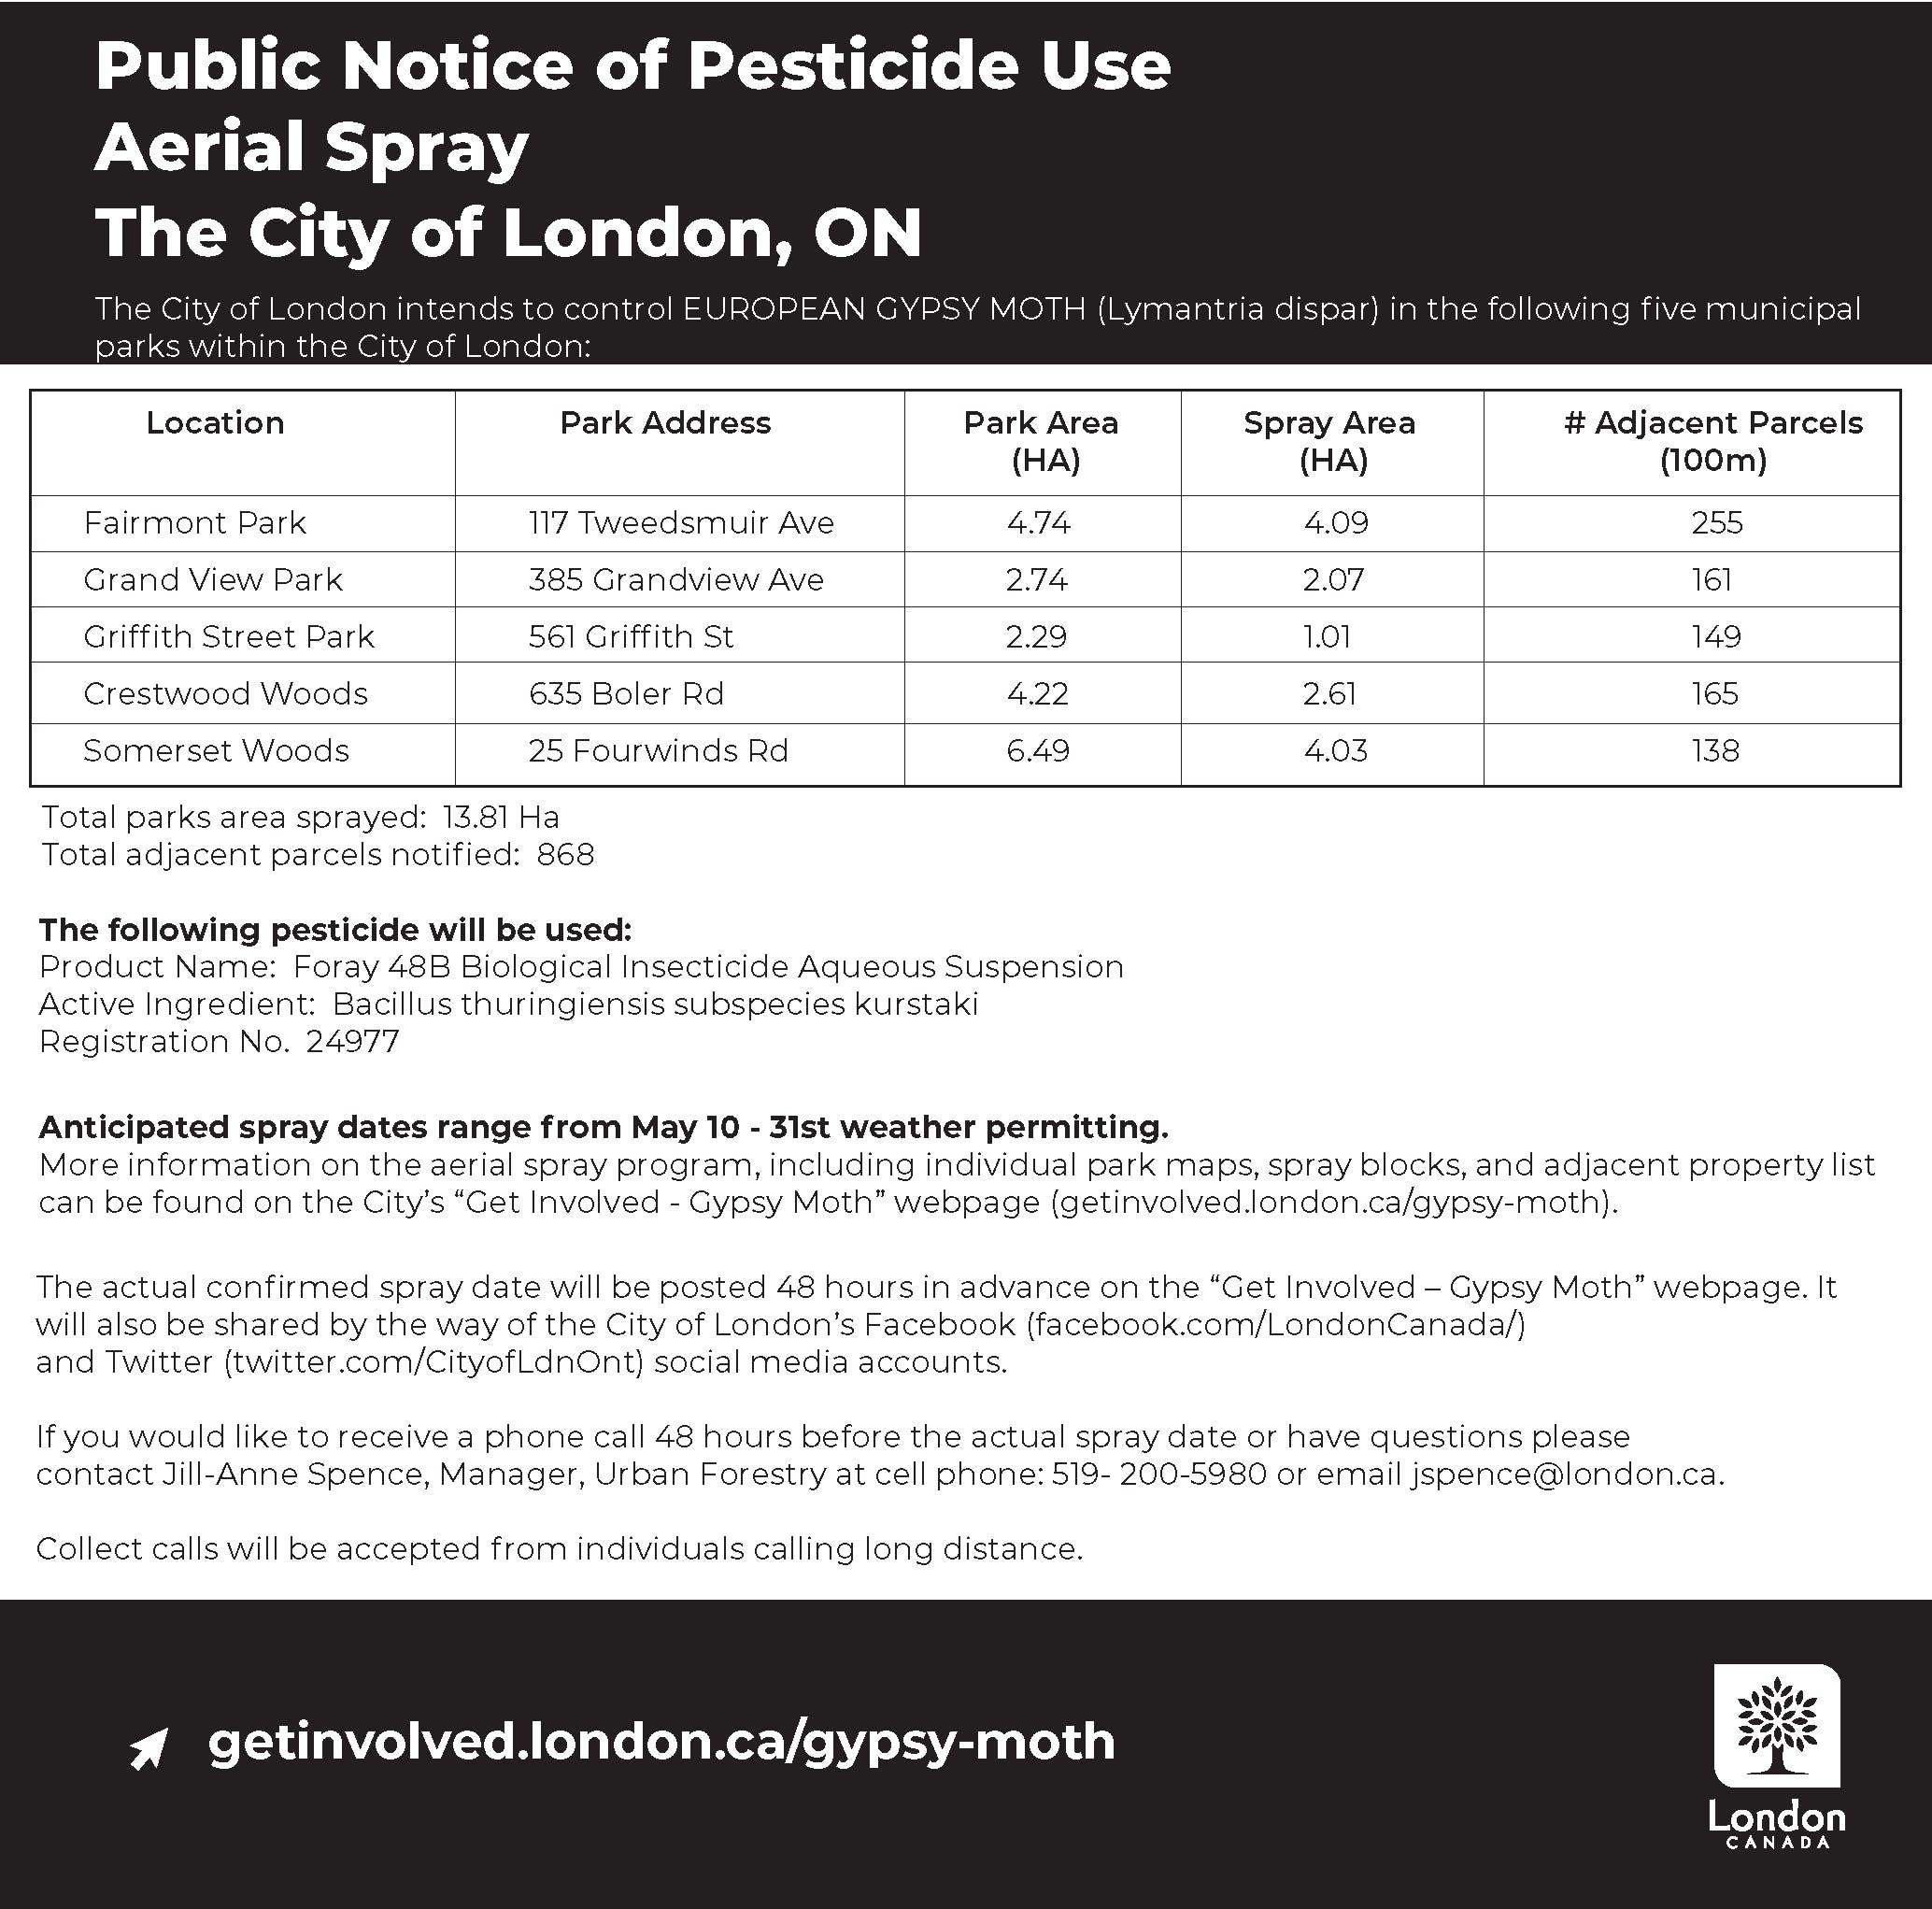 Public Notice of Pesticide Use